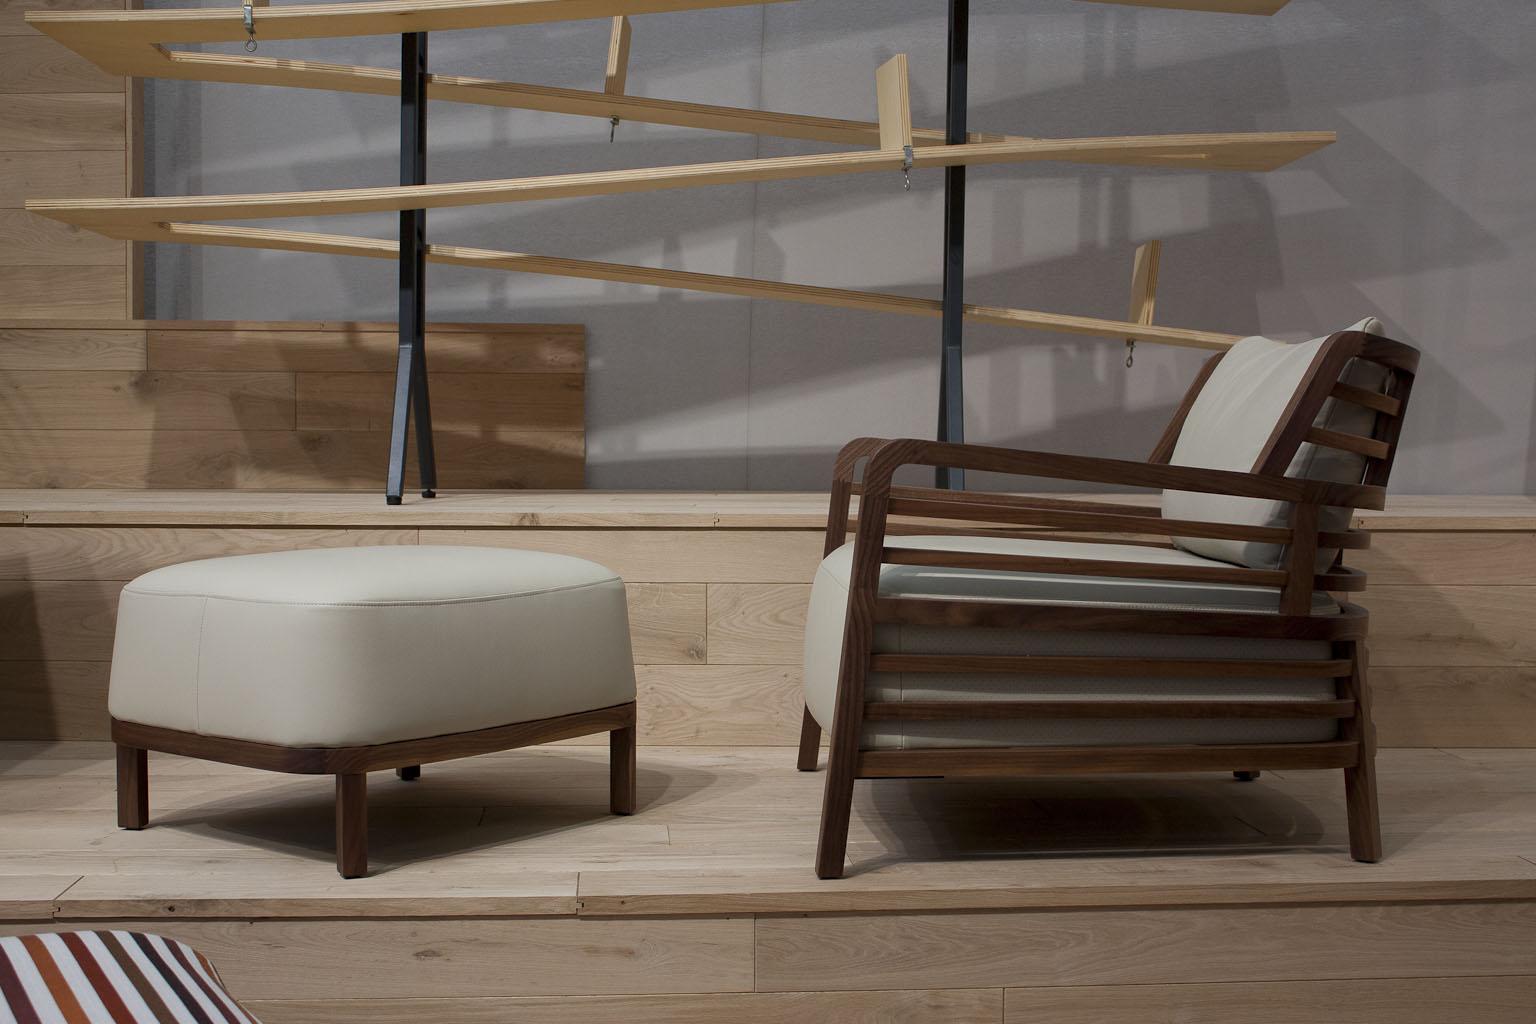 Philippe Nigro, Créateur de l'année 2014 du salon NOW! Design à vivre, Maison et objet janvier 2014